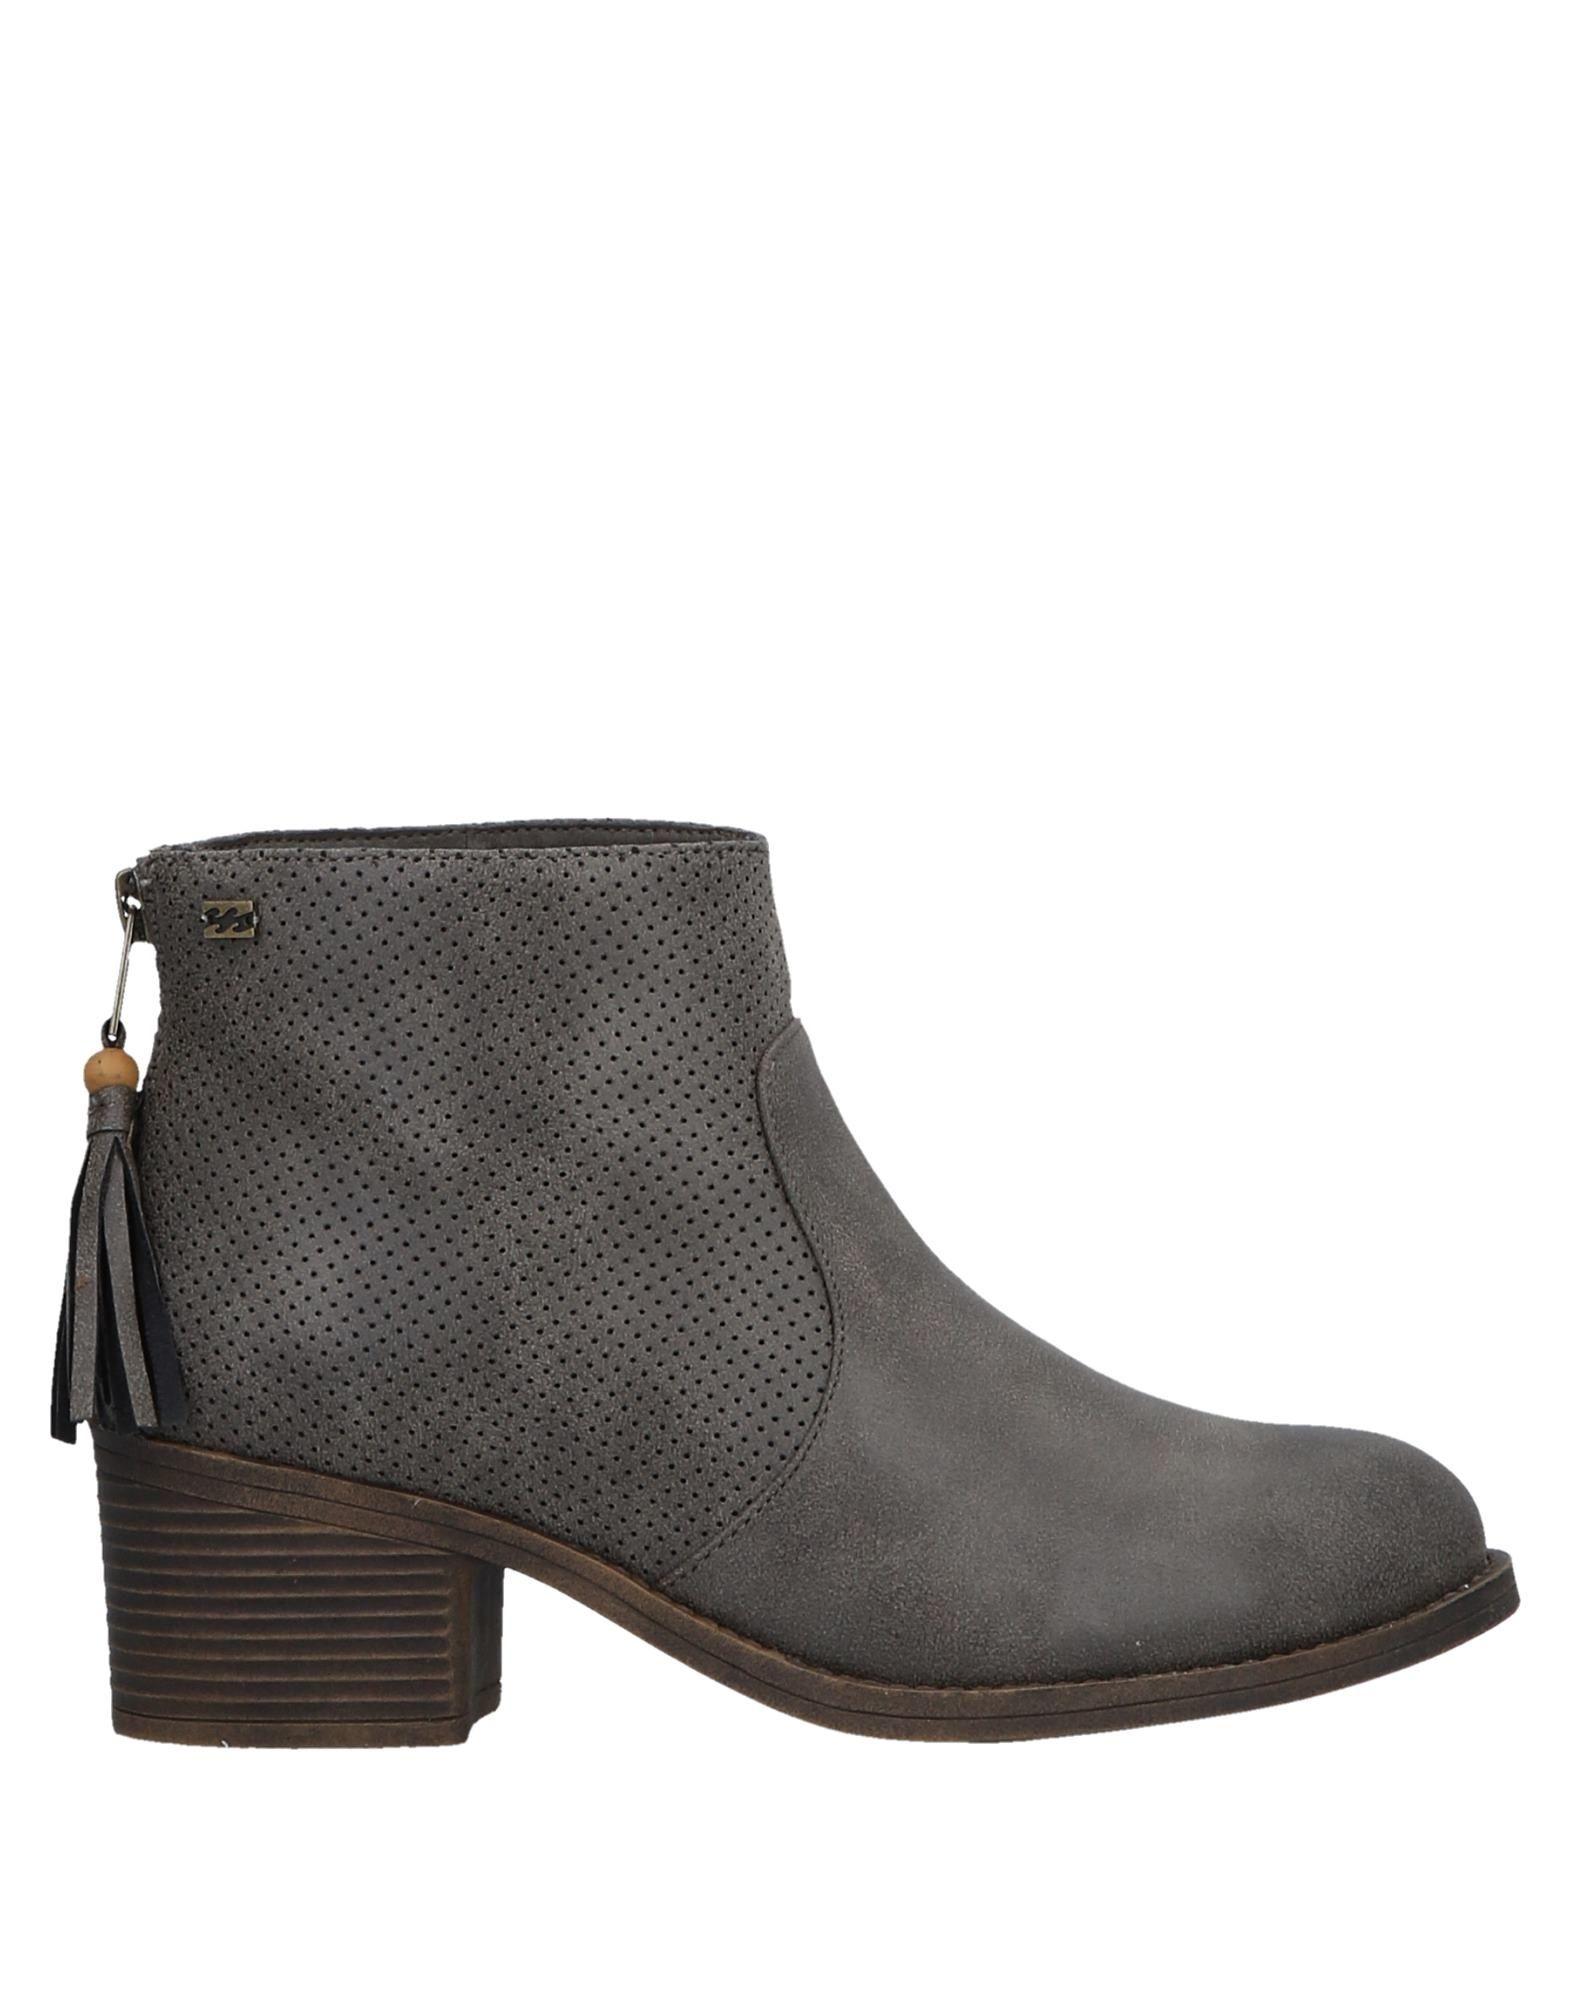 Günstige und modische Schuhe Billabong Stiefelette Damen  11520028FO